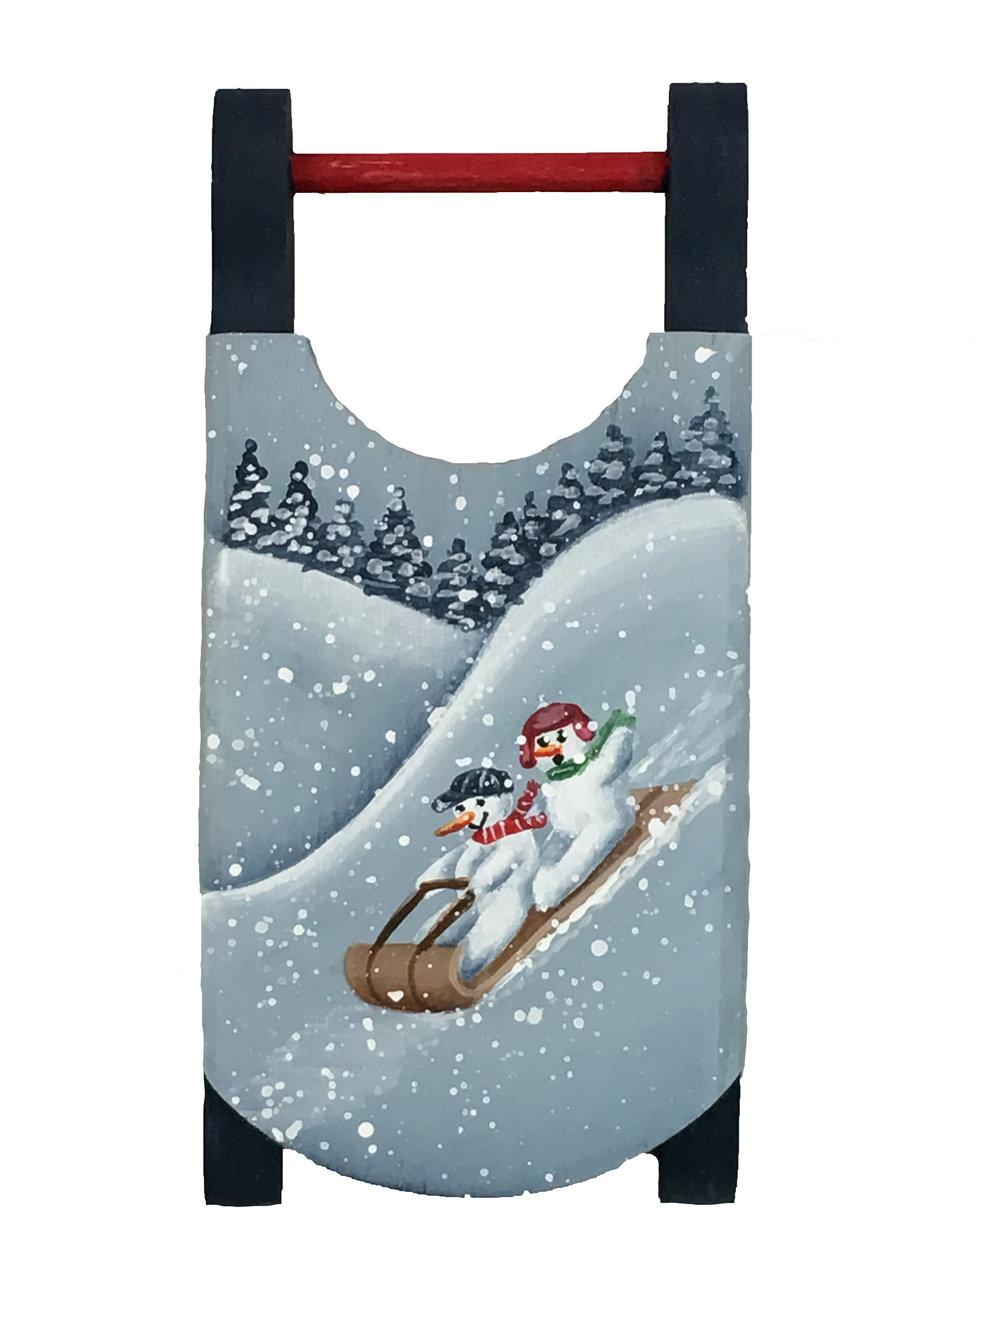 Snowbuddies.jpg